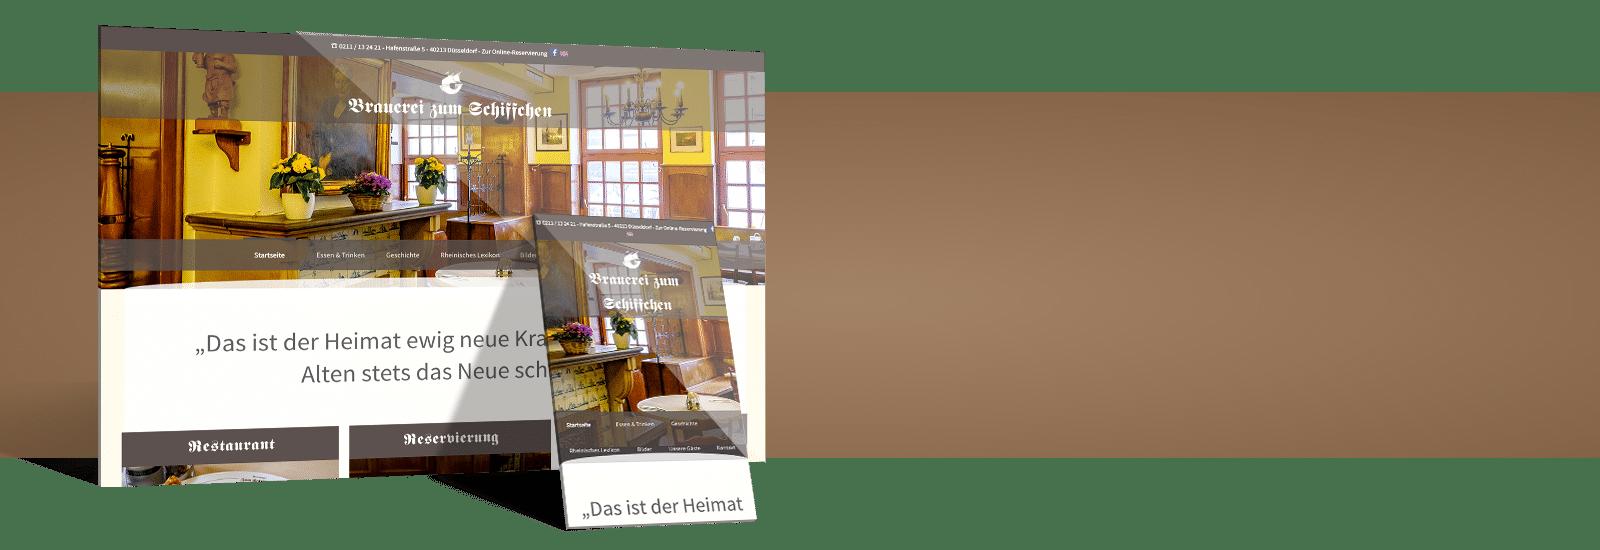 restaurant website erstellen - bild von referenz restaurant braurei zum schiffchen